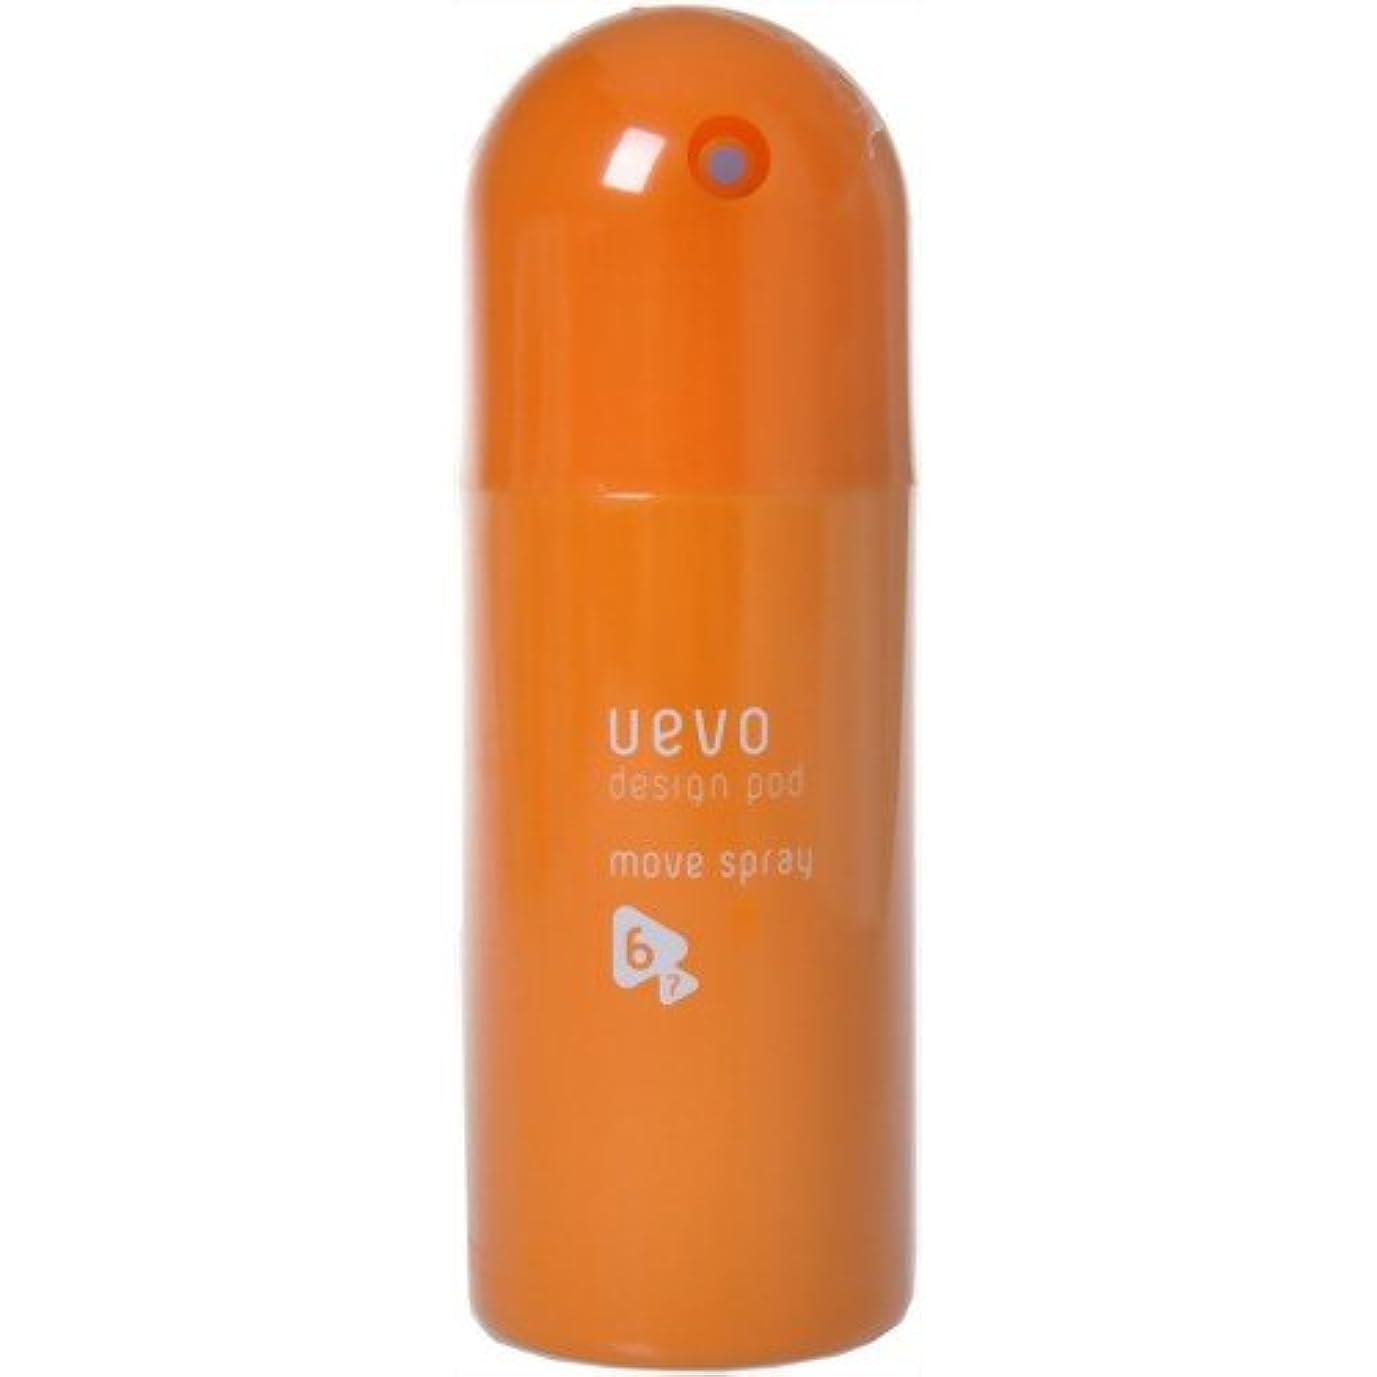 わずらわしいフラフープ役に立つデミ ウェーボ デザインポッド ムーブスプレー 220ml move spray DEMI uevo design pod